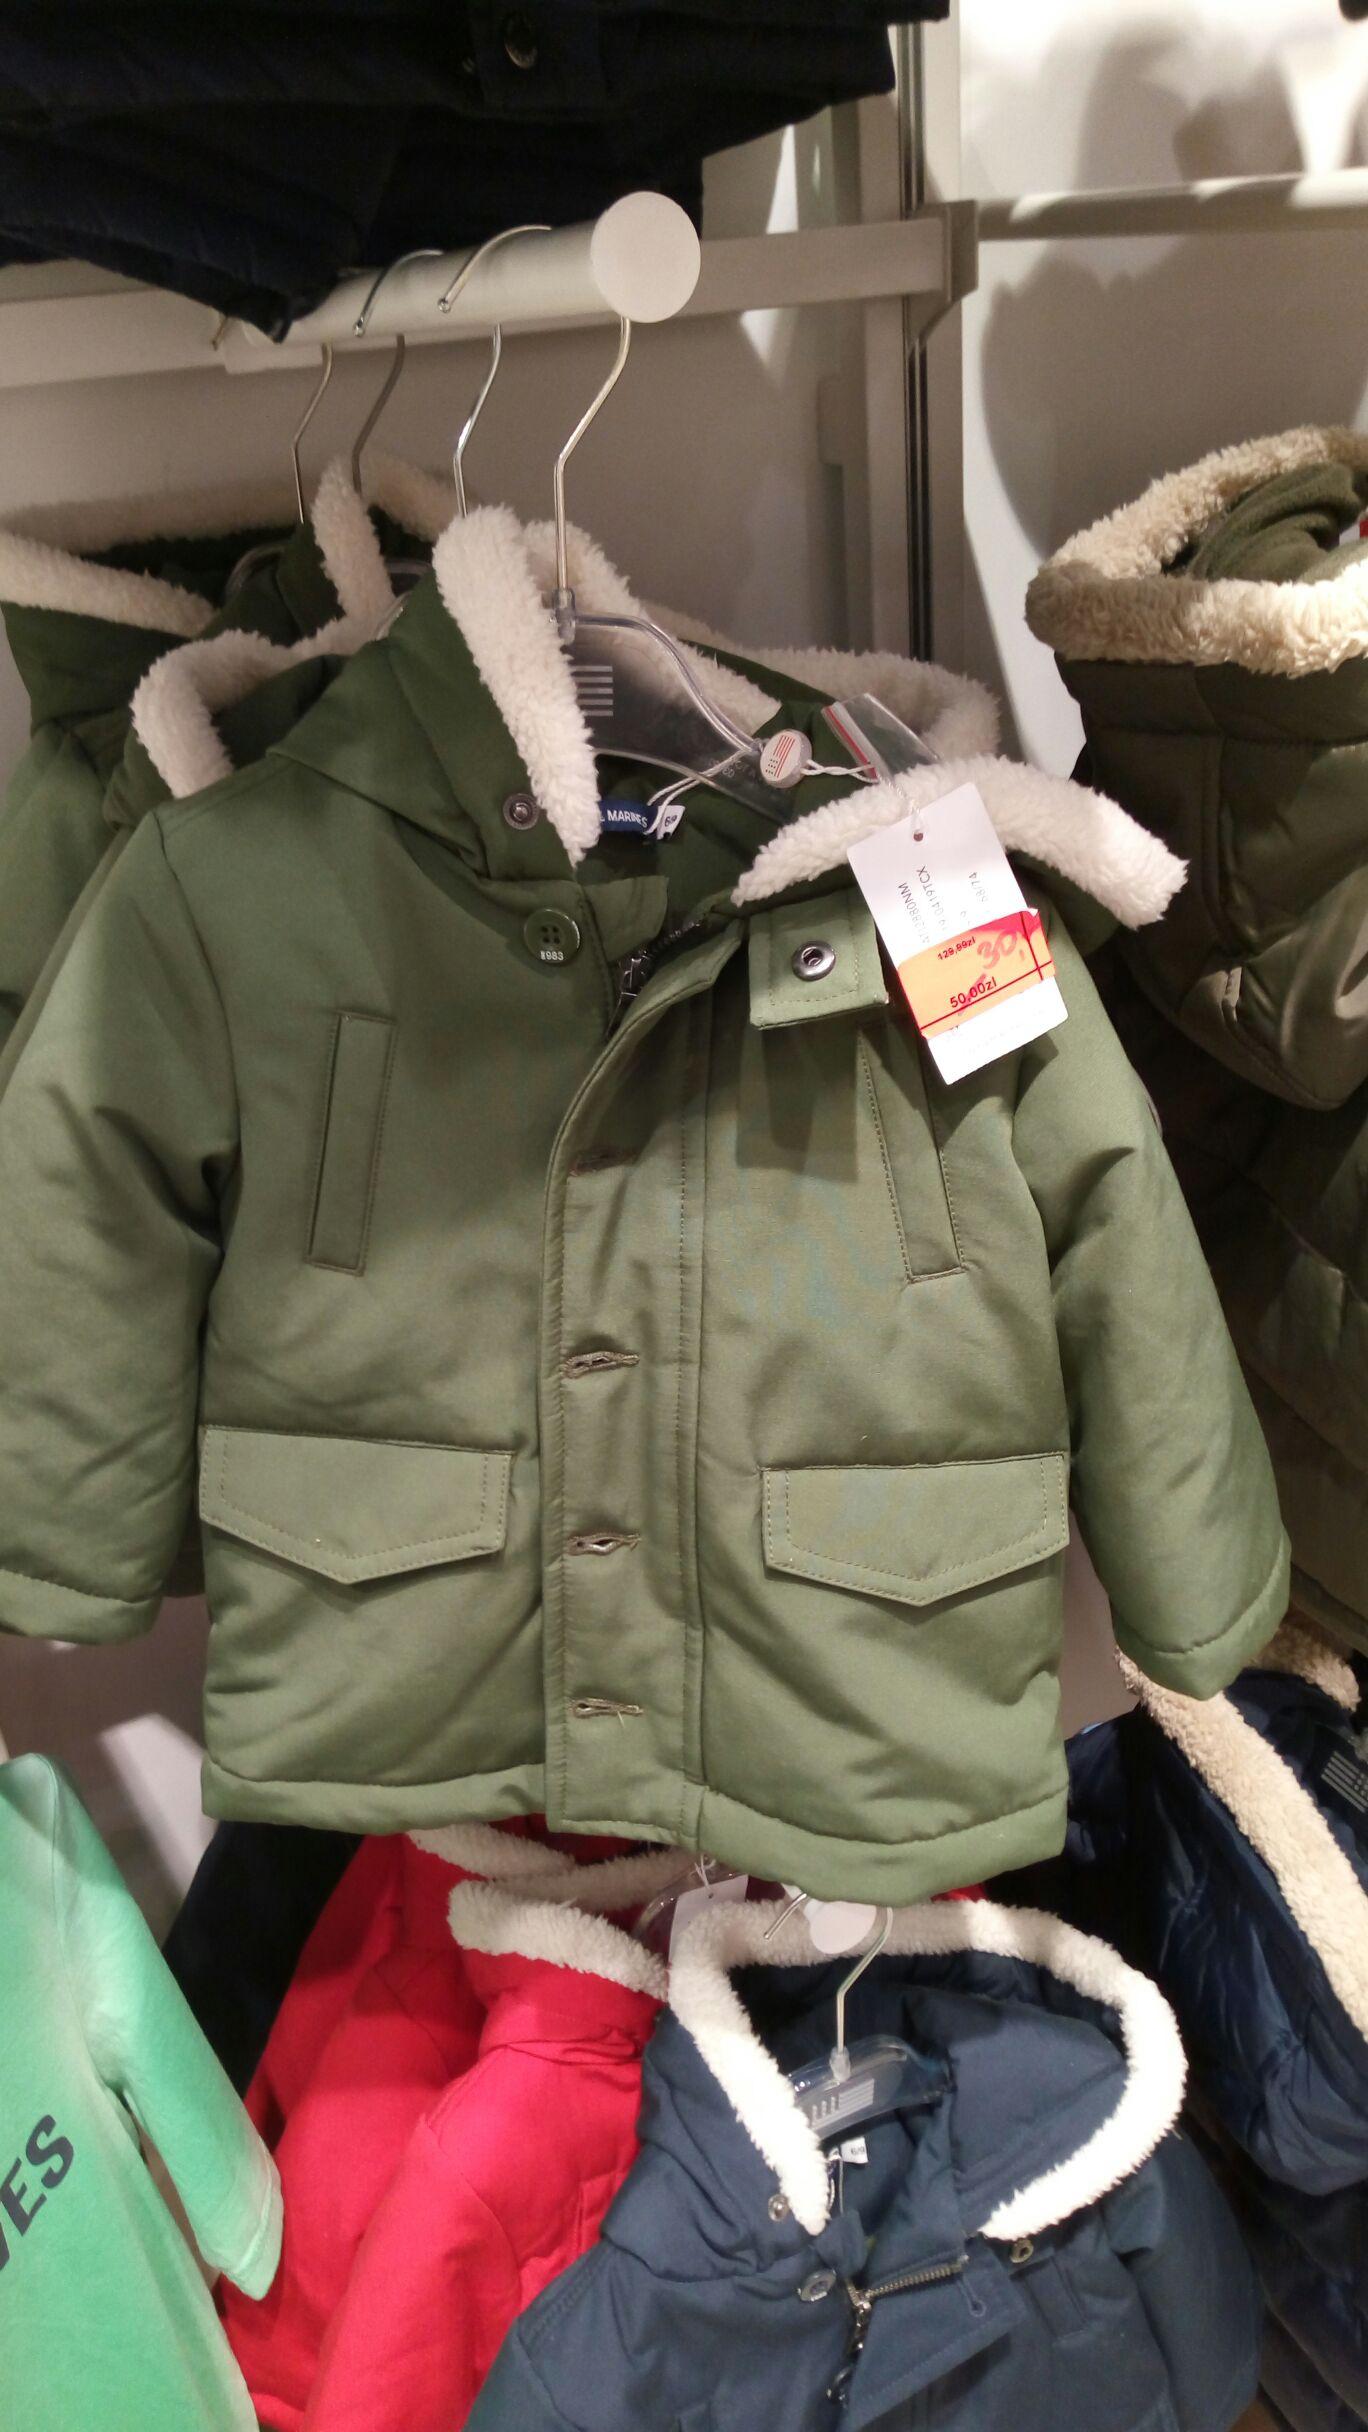 Likwidacja sklepu Original Marines w Galerii Krakowskiej stara kolekcja od 5zł, wszystkie kurtki za 30zł